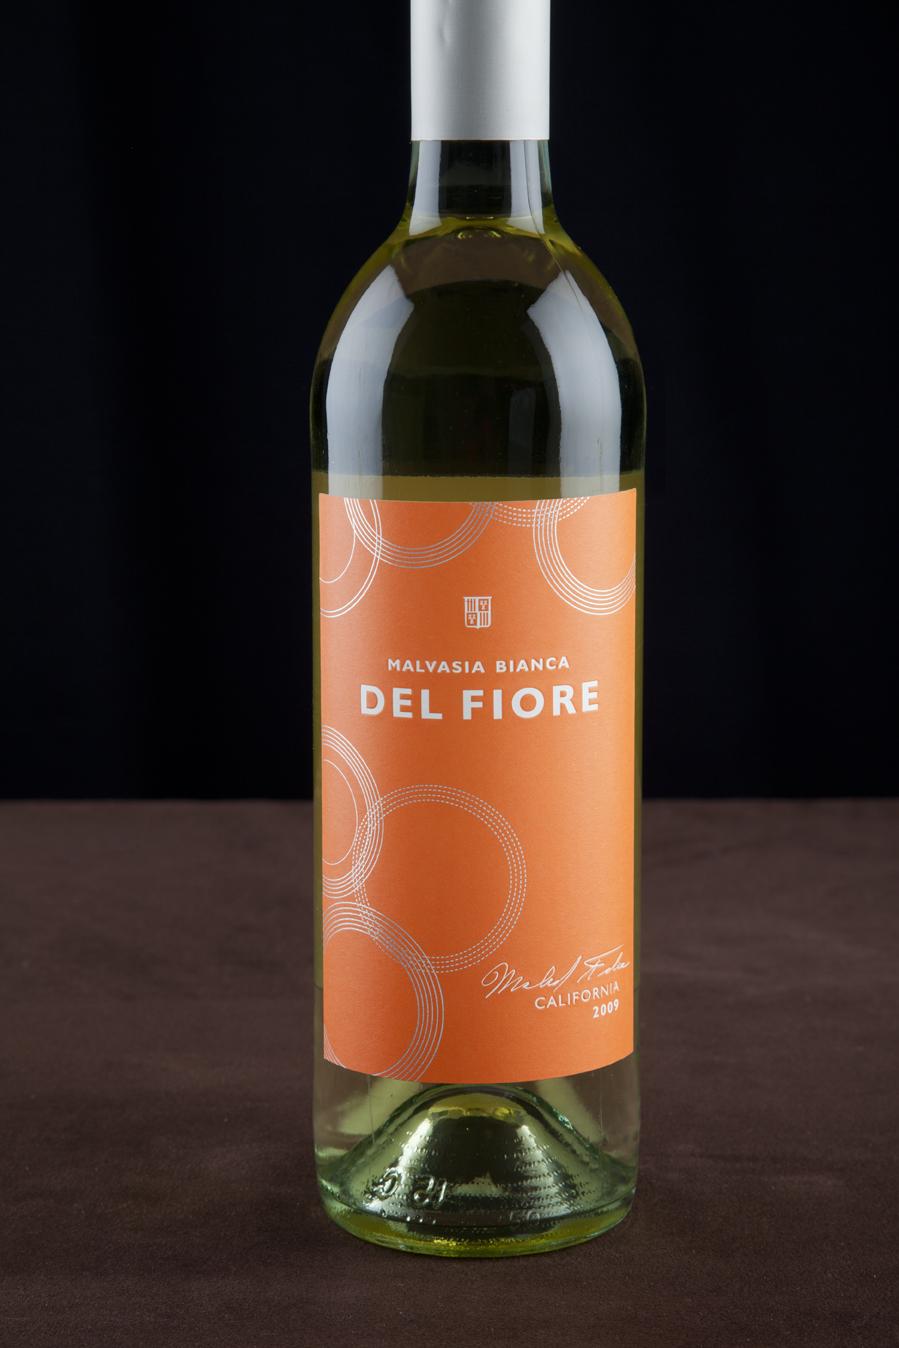 Del Fiore